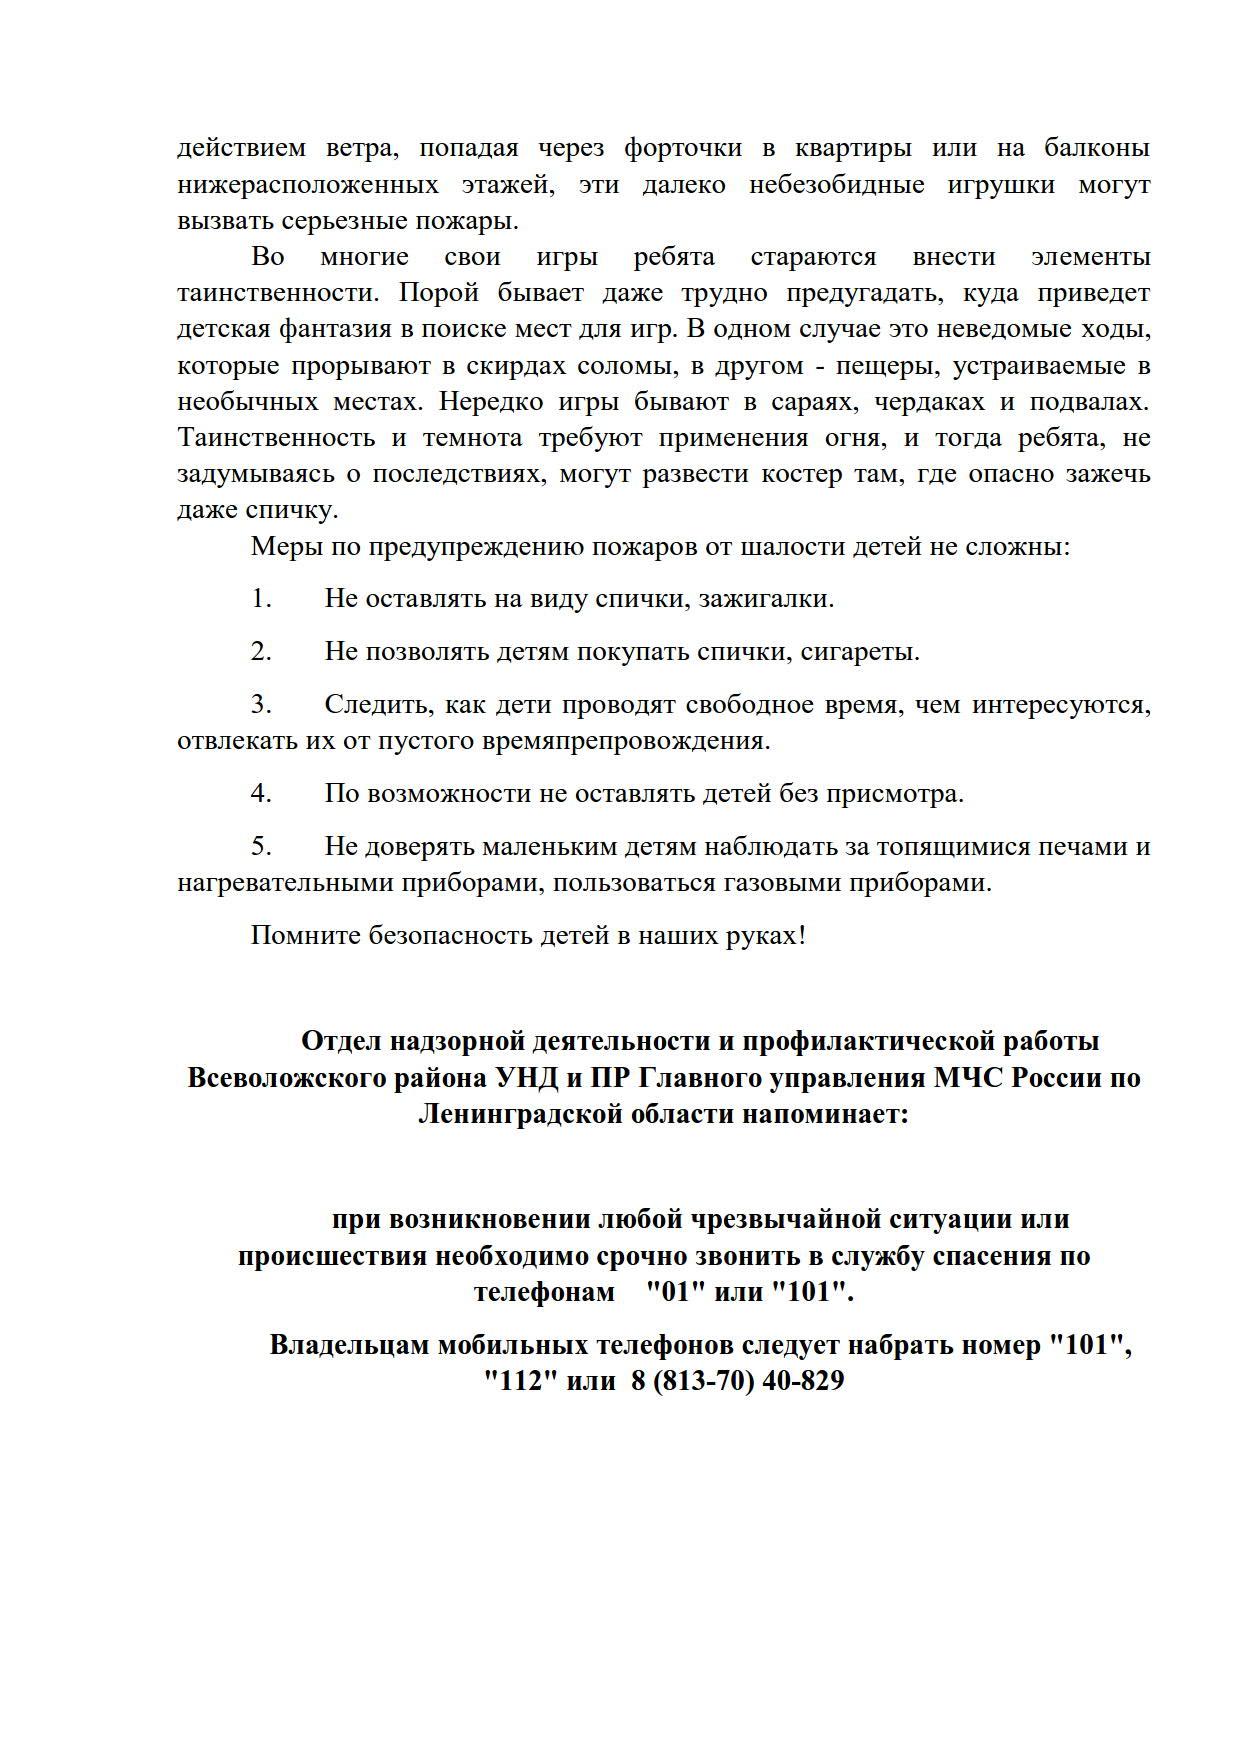 памятка_3